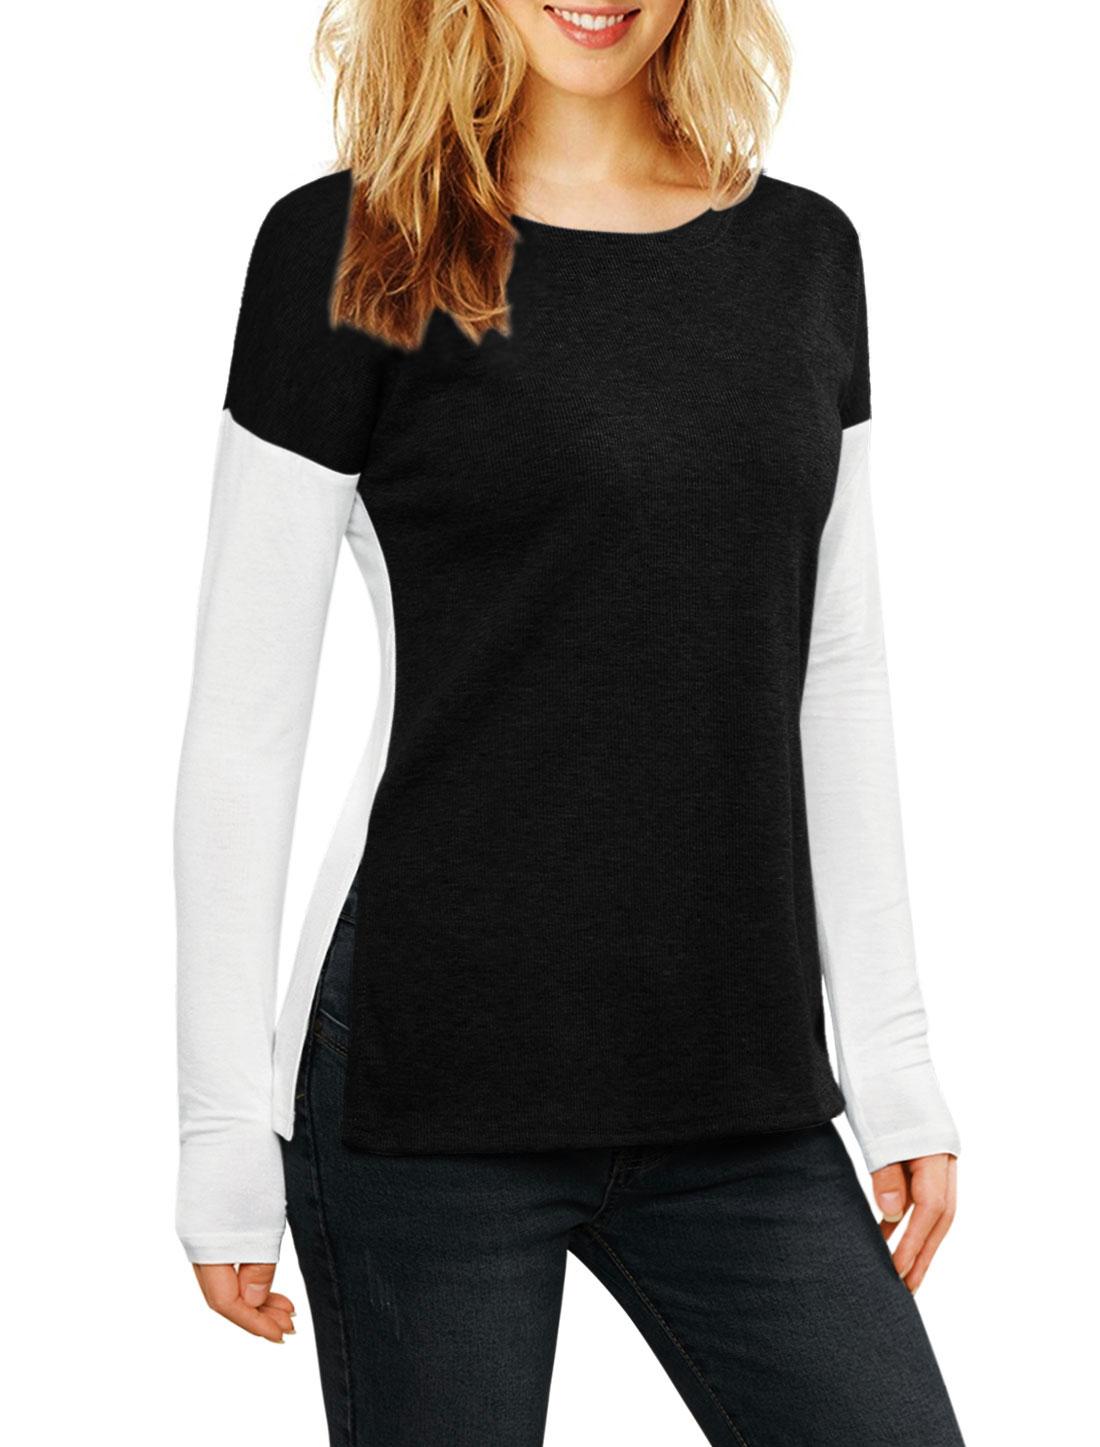 Women Color Block Side-Slit Paneled Slim Fit Ribbed Top Black XL